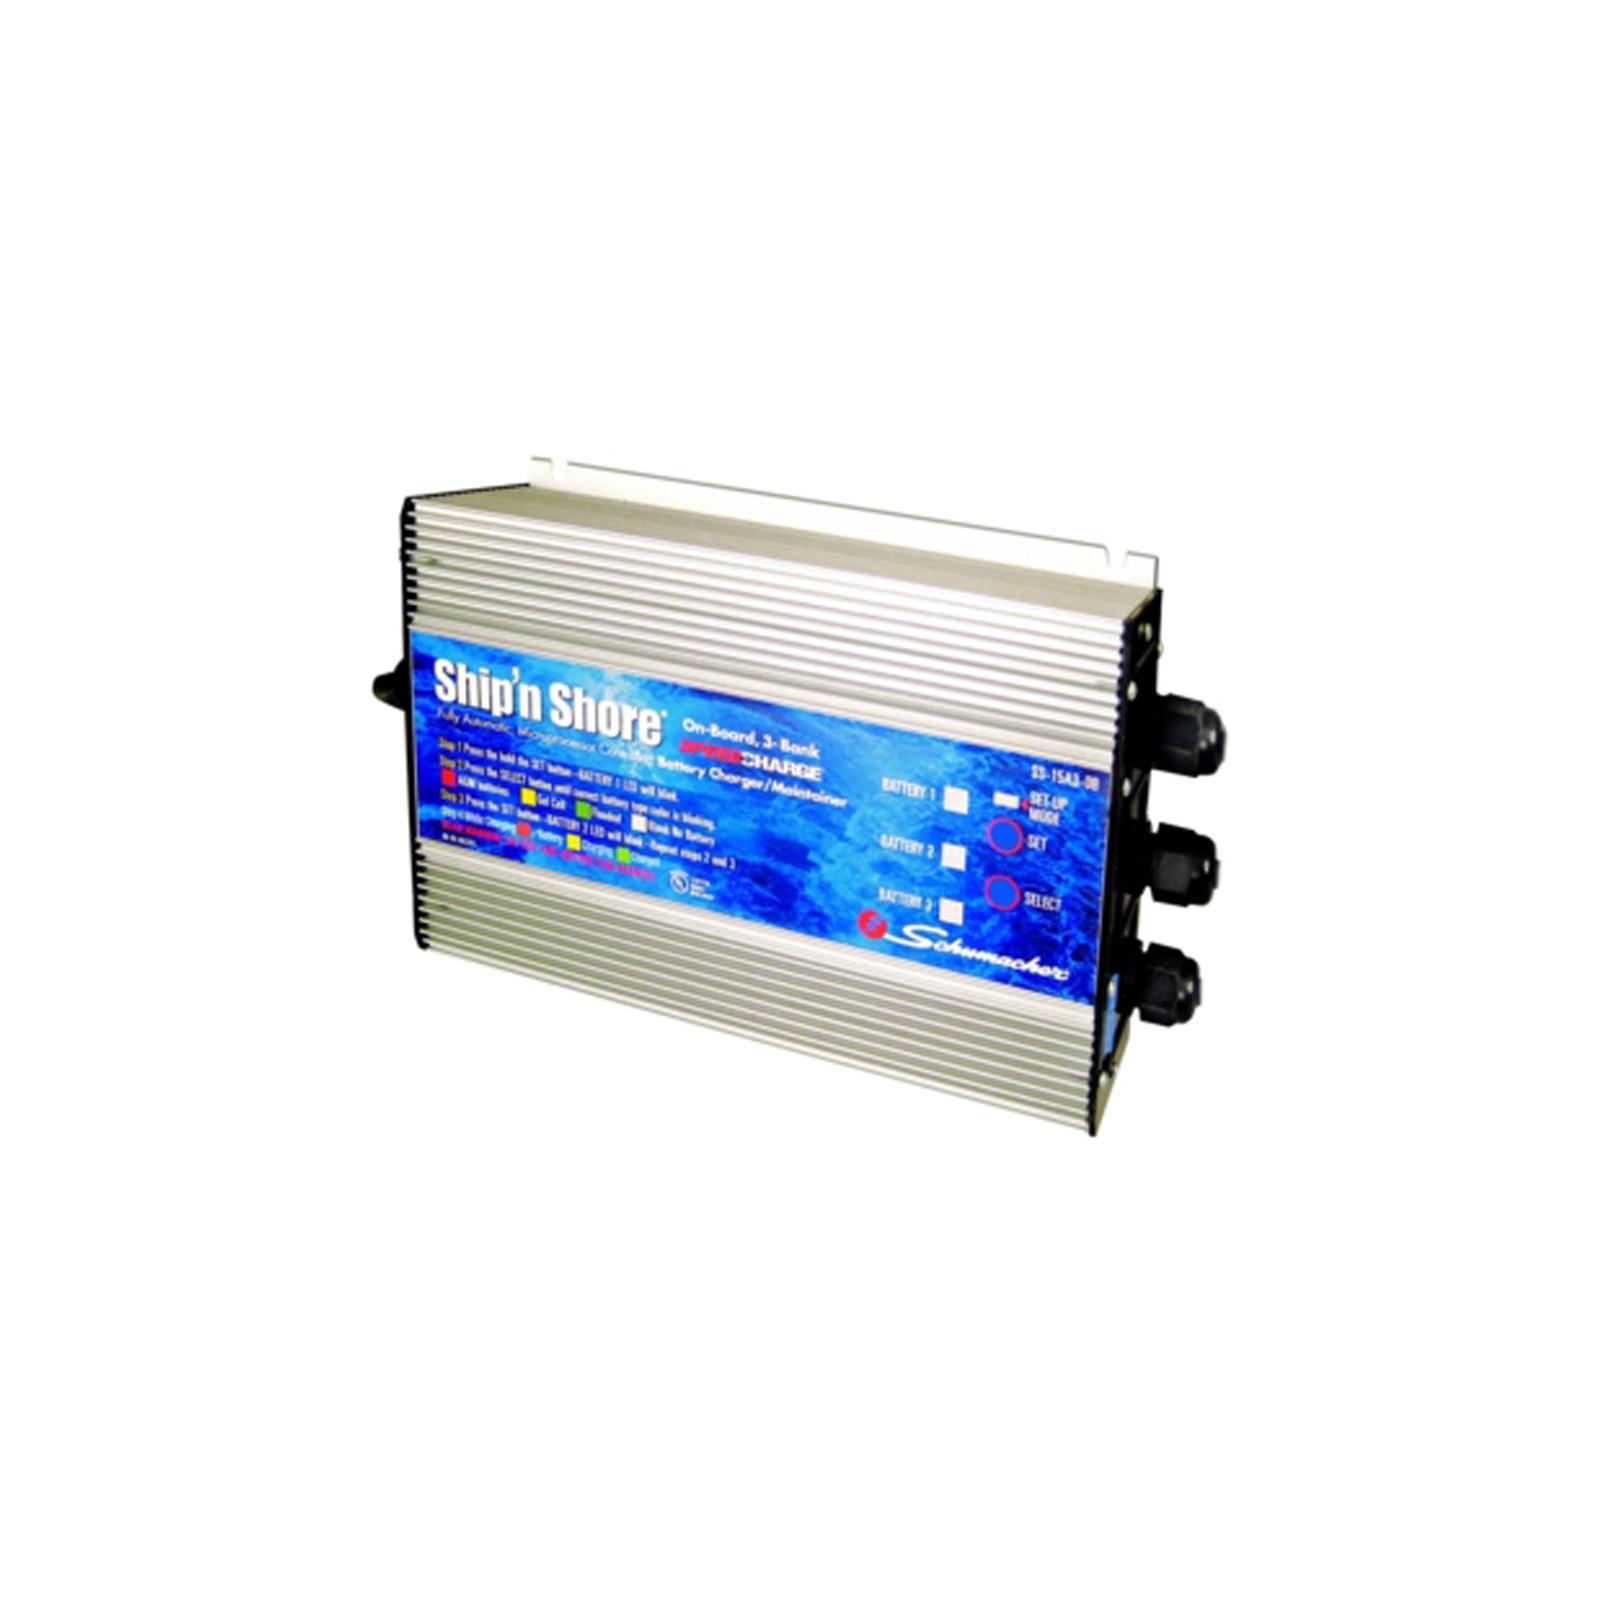 schumacher speed charger 15a manual